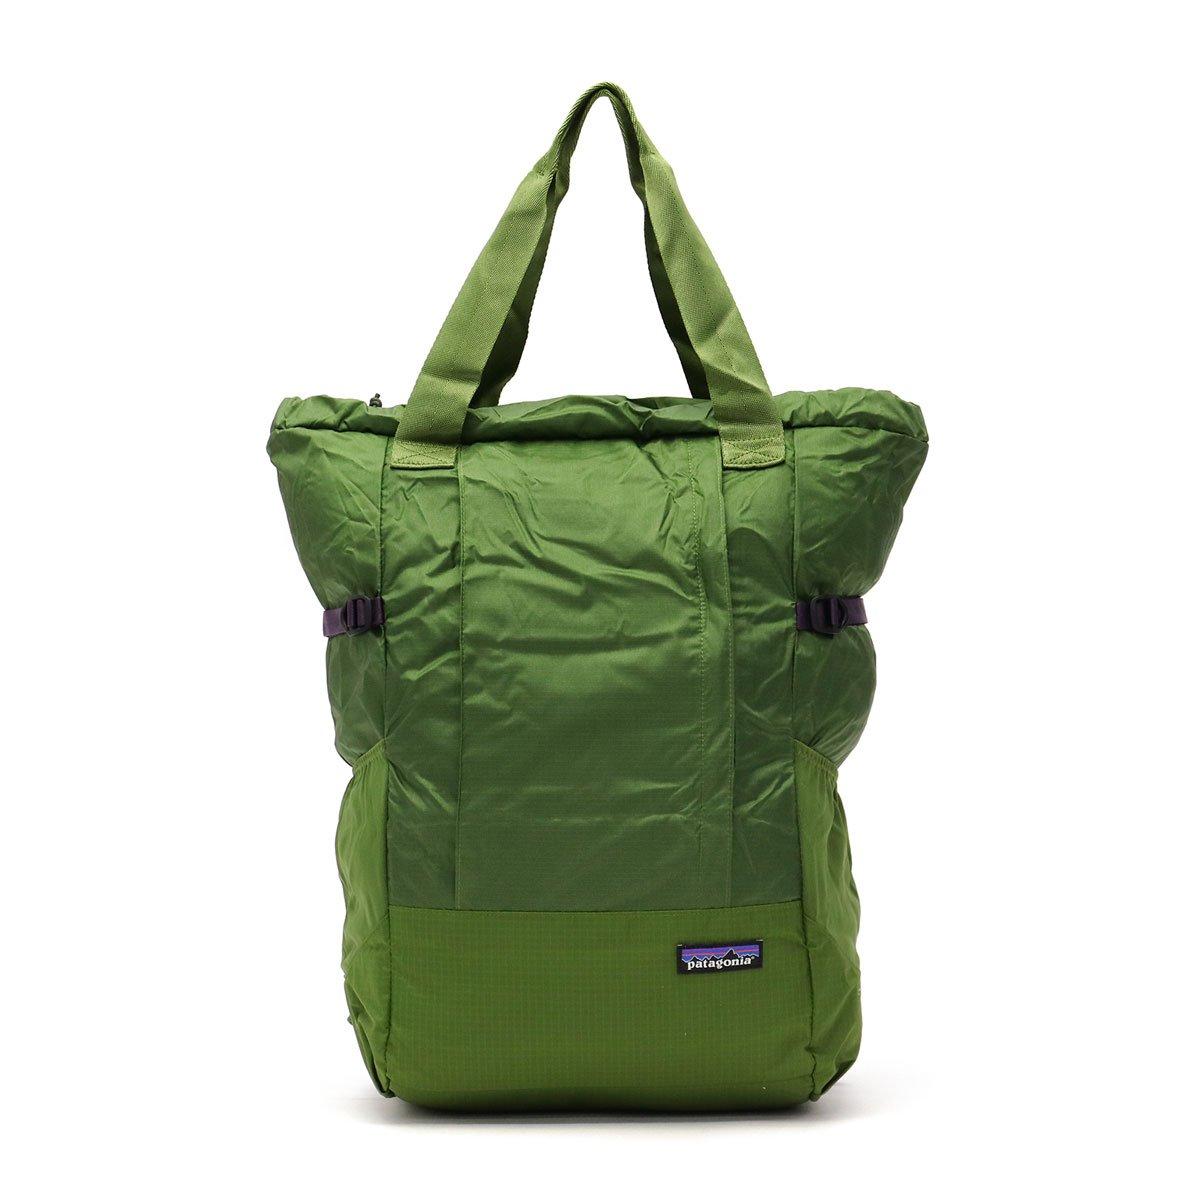 [パタゴニア] patagonia トートバック LW Travel Tote Pack B078T83Z41 SPTG SPTG